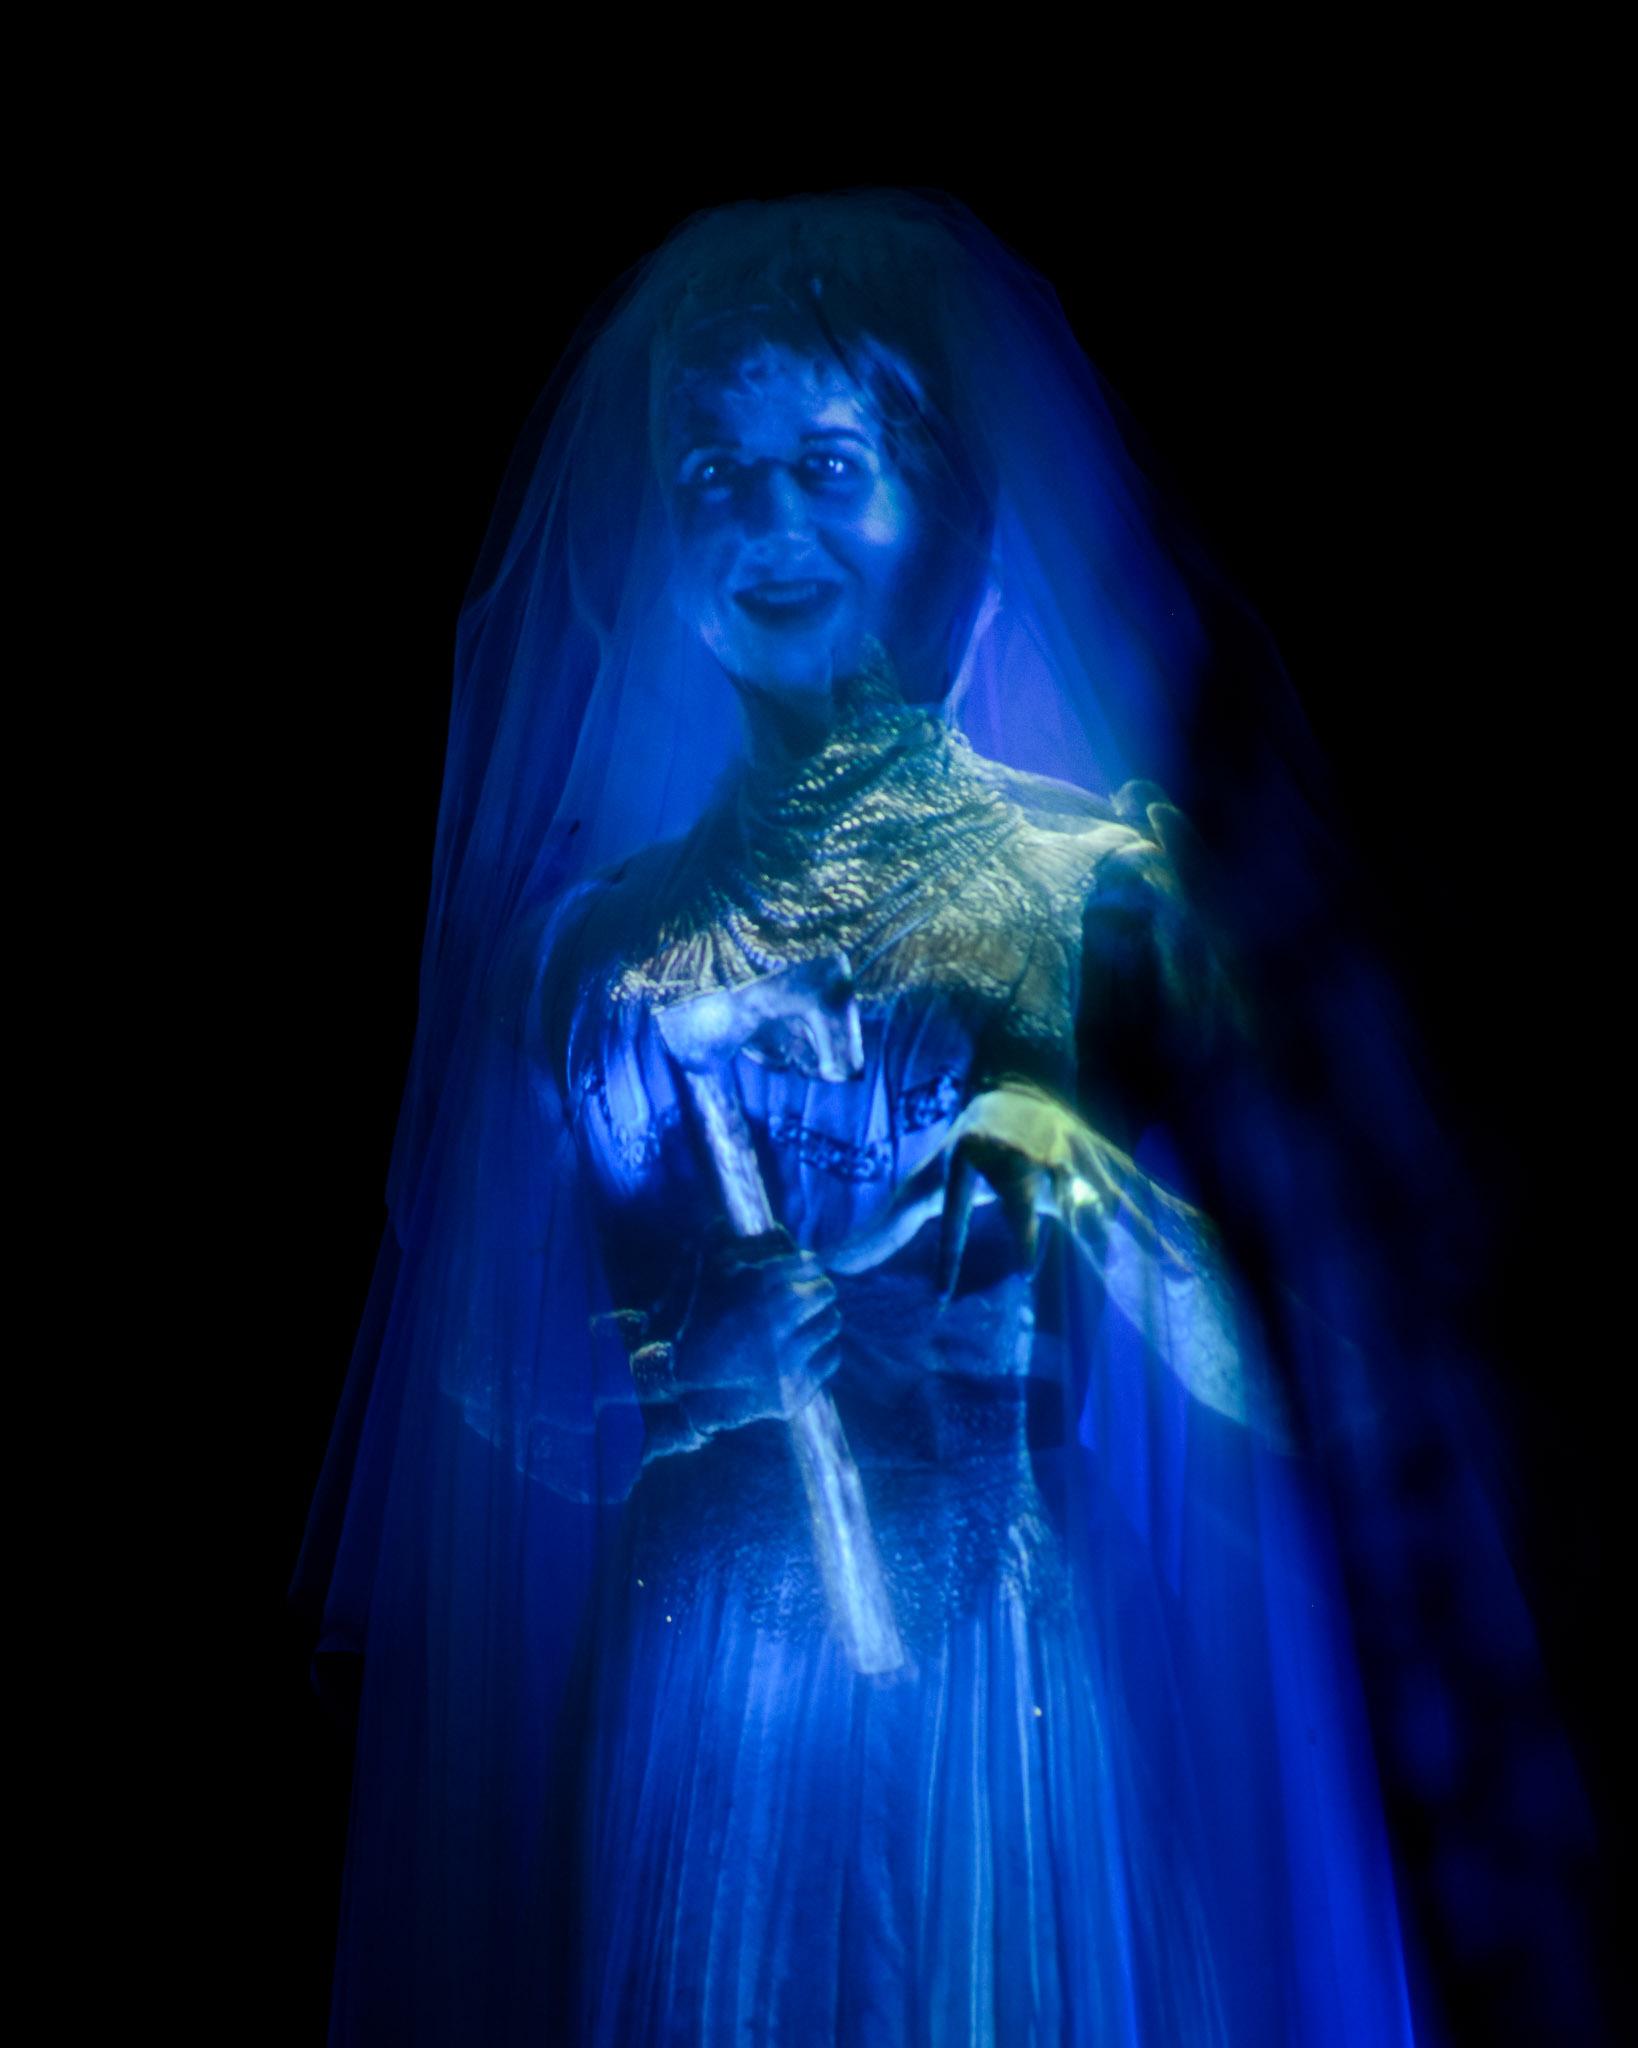 Creepy Bride - Haunted Mansion - Walt Disney World Magic Kingdom